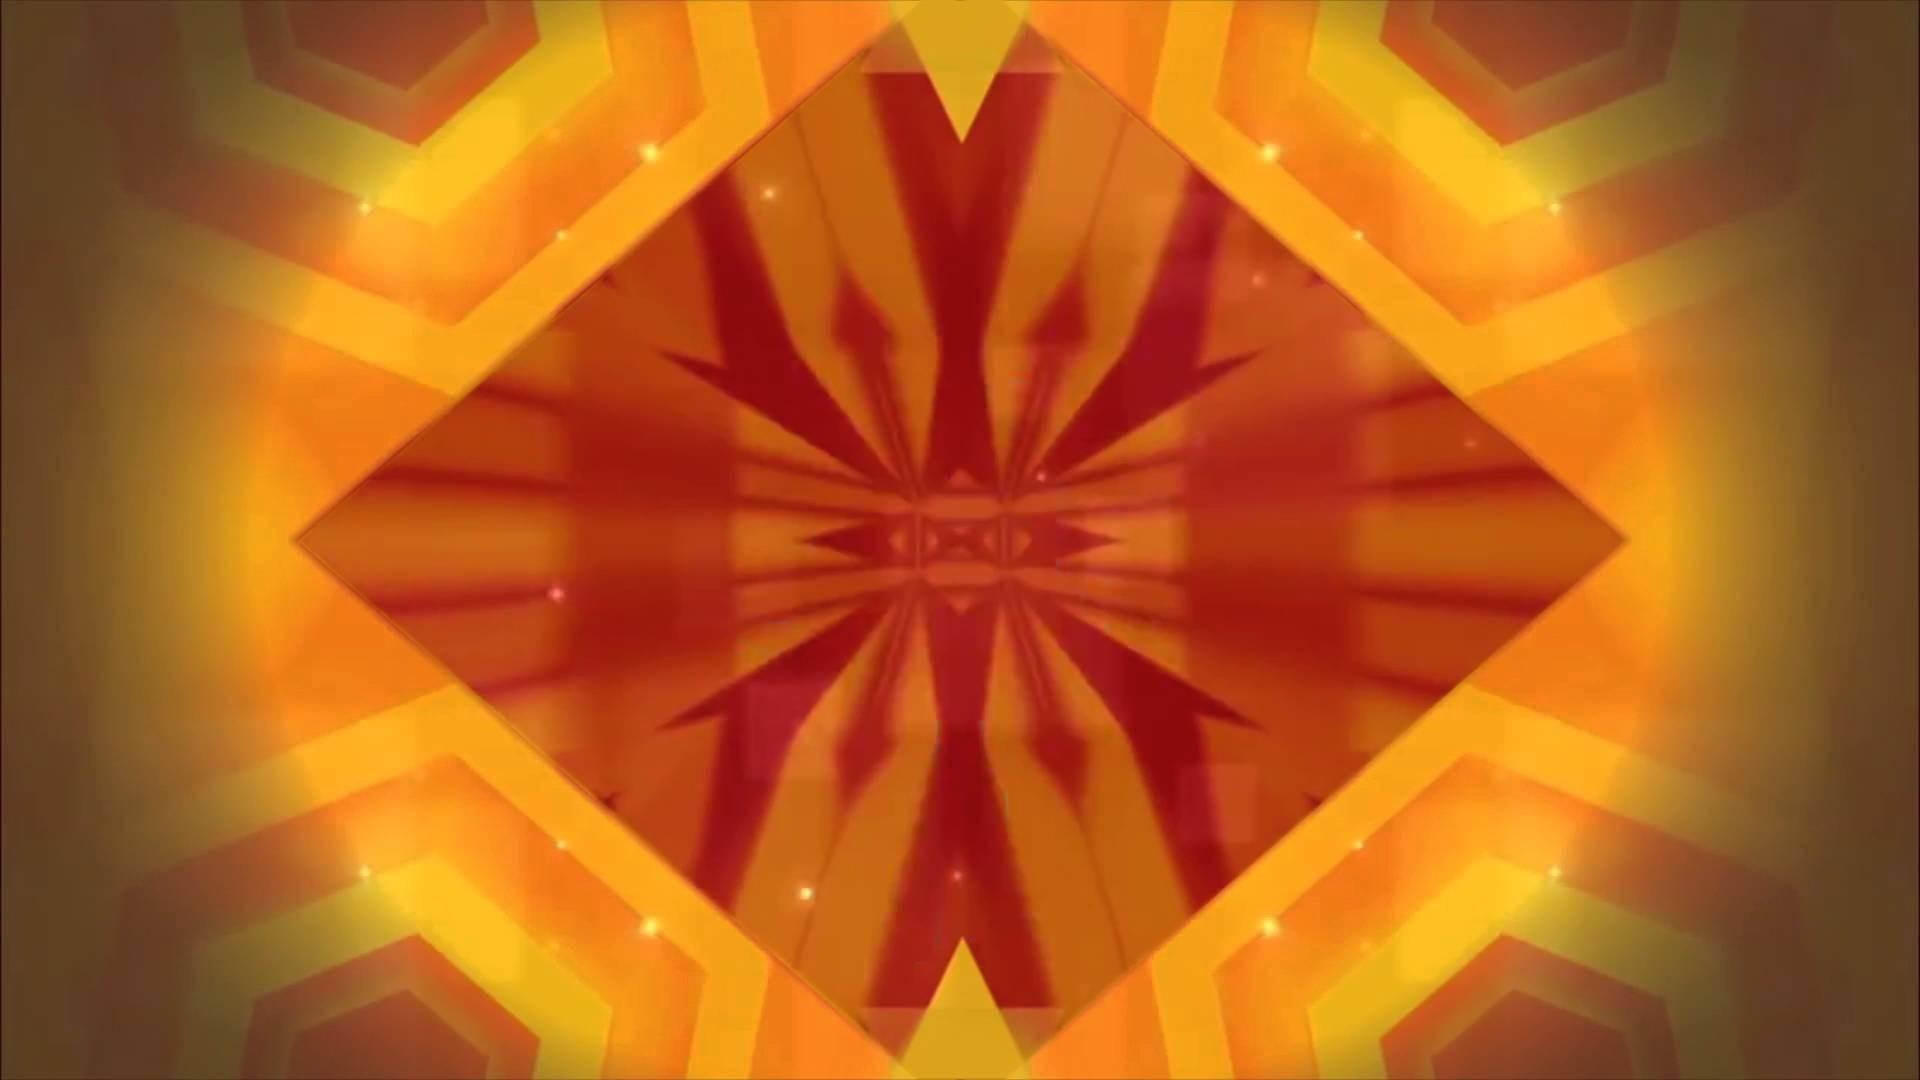 4k Orange Spiral Fire Light Dance Vj 2160p Background: Dance Background ·① Download Free Full HD Backgrounds For